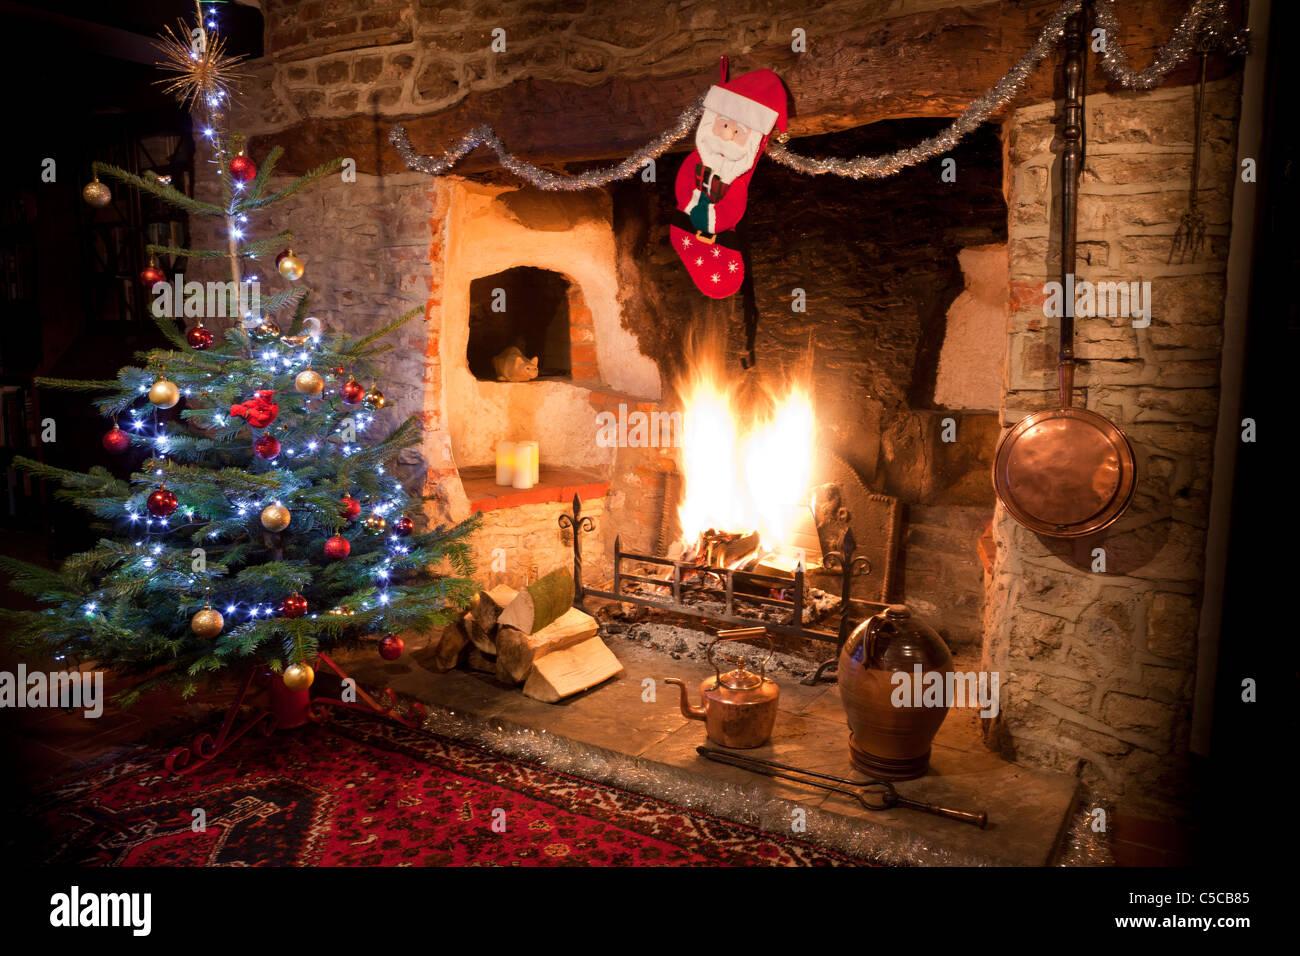 fireplace christmas cat stock photos u0026 fireplace christmas cat